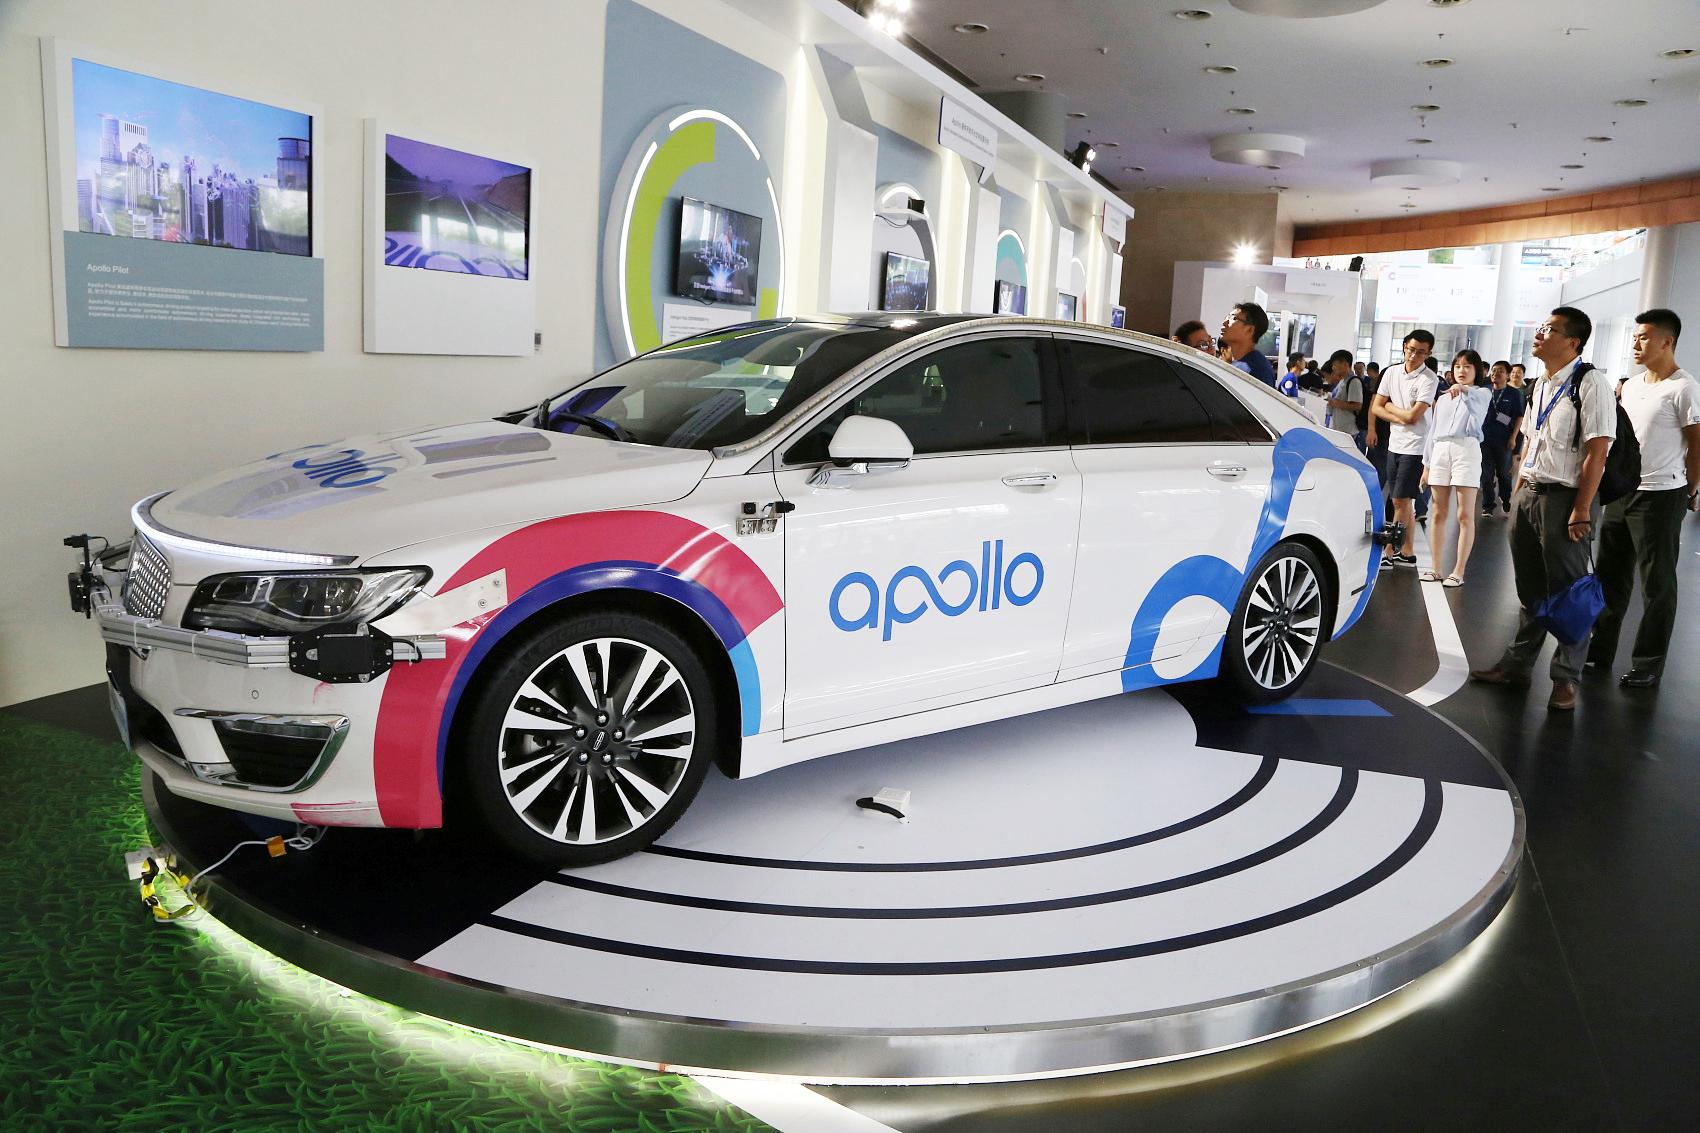 百度Apollo组织架构升级,新增智能交通业务组